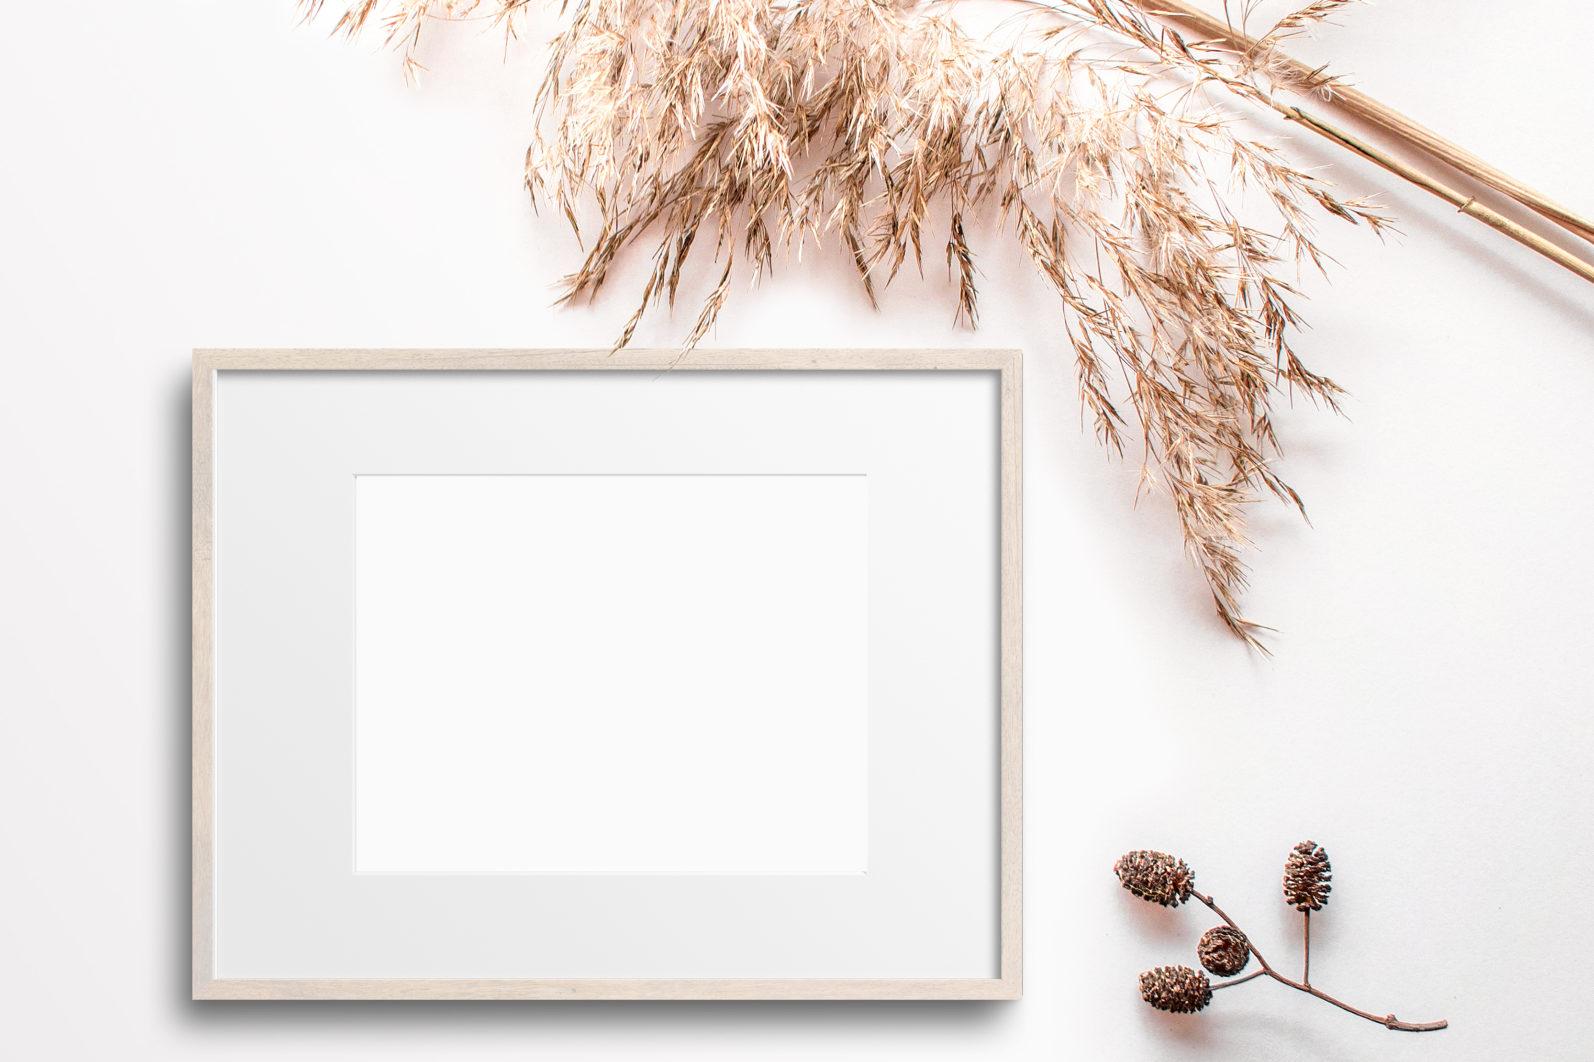 Frame Mockup Bundle 07_Bundle BOHO, Interior Frame Bundle - 07 Preview 3 scaled -